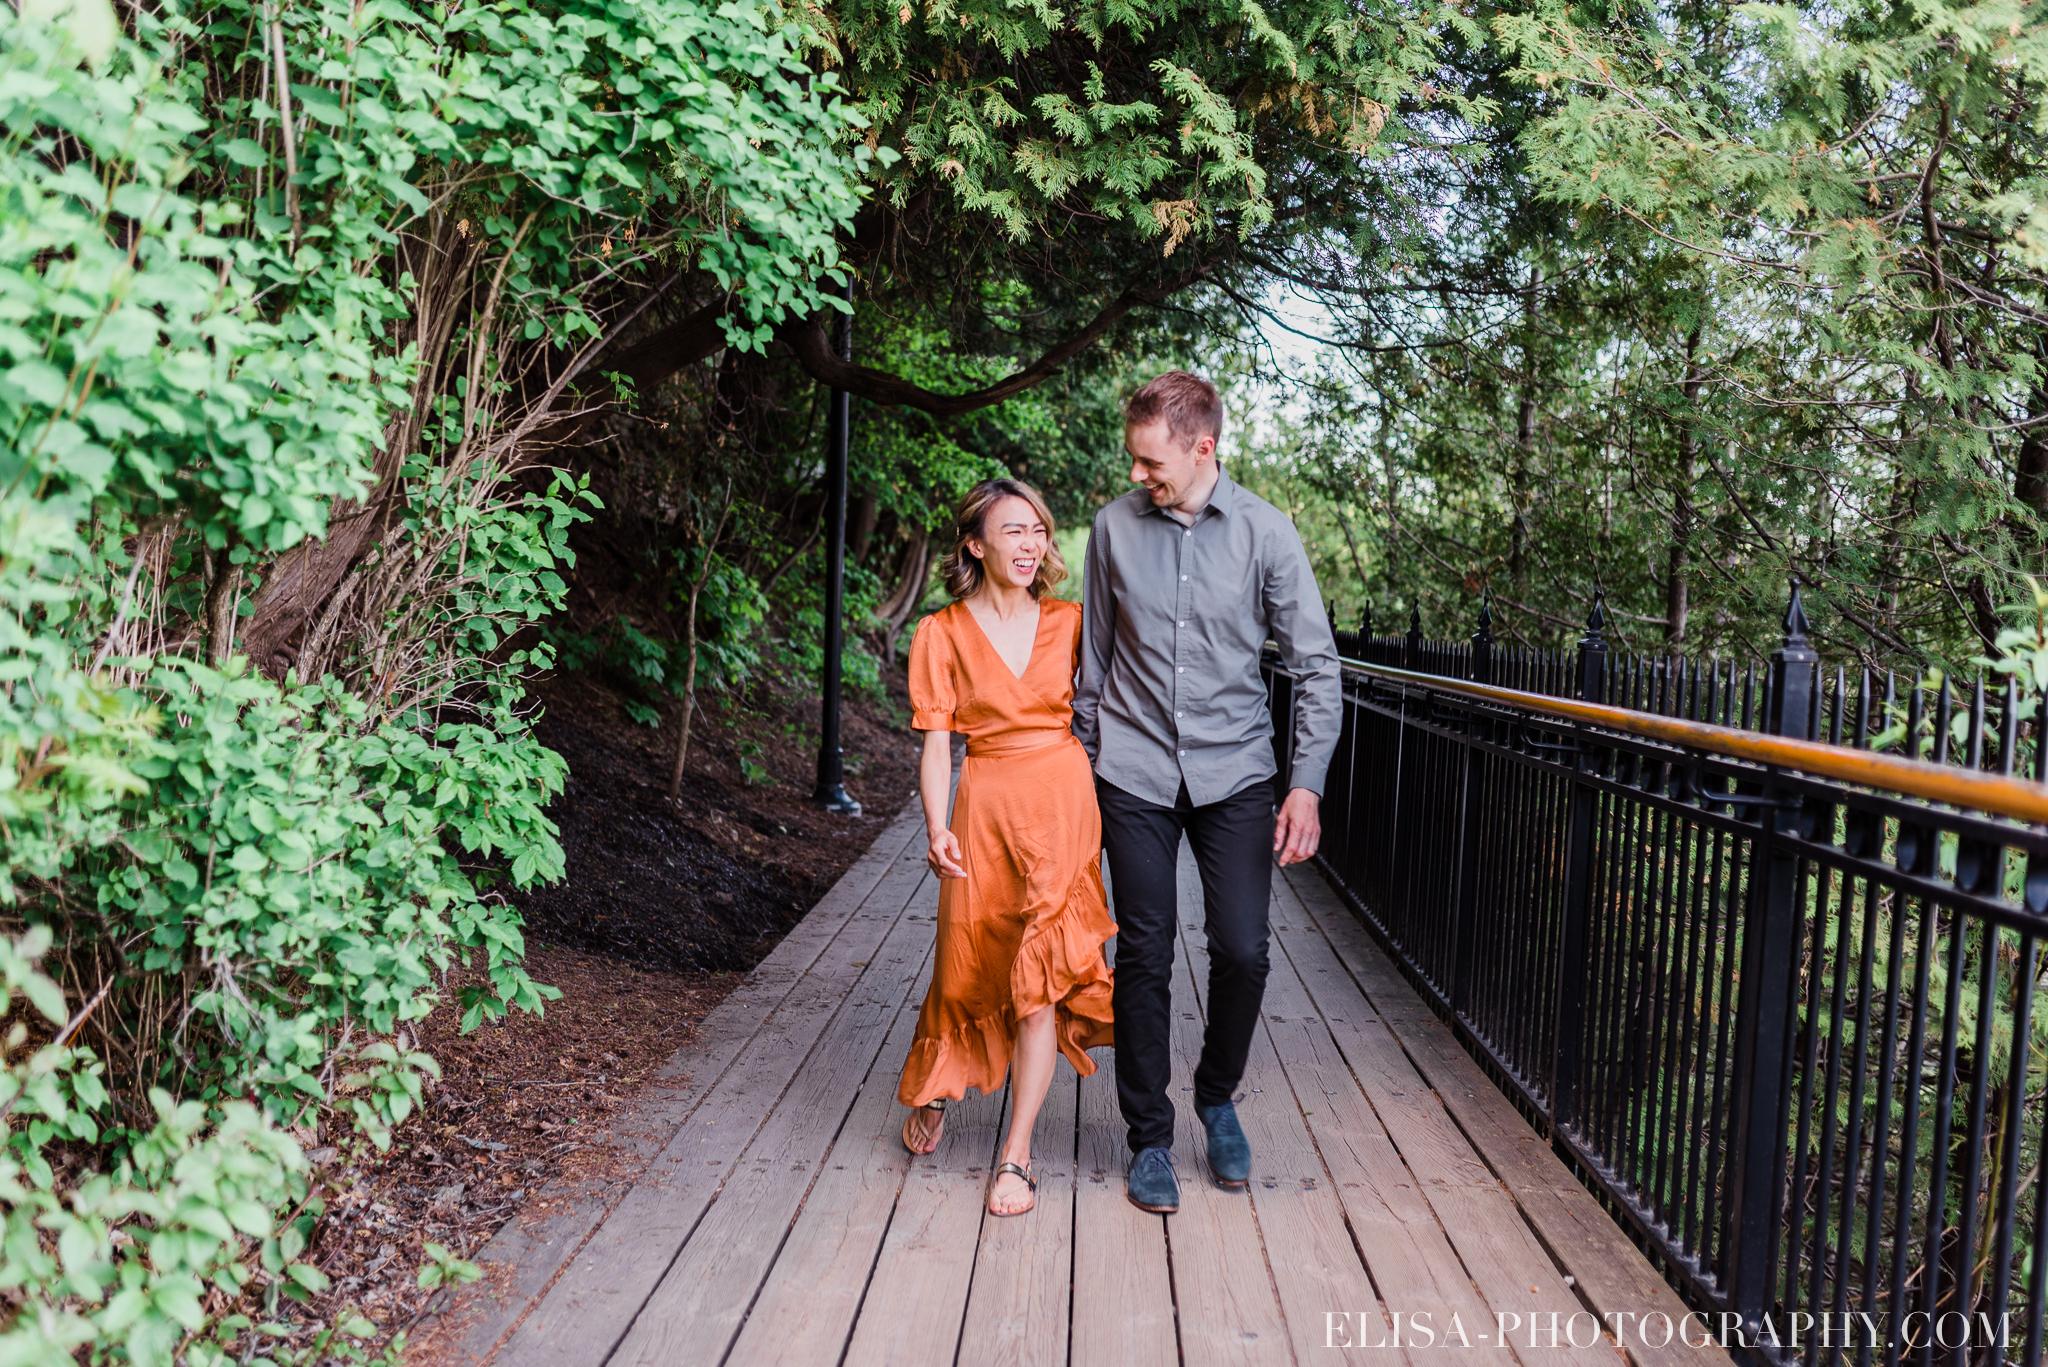 photos couple engagement fiancailles ville quebec canada chute montmorency pommiers elisa photographe mariage 6303 - Séance photo de couple au manoir Montmorency à Québec